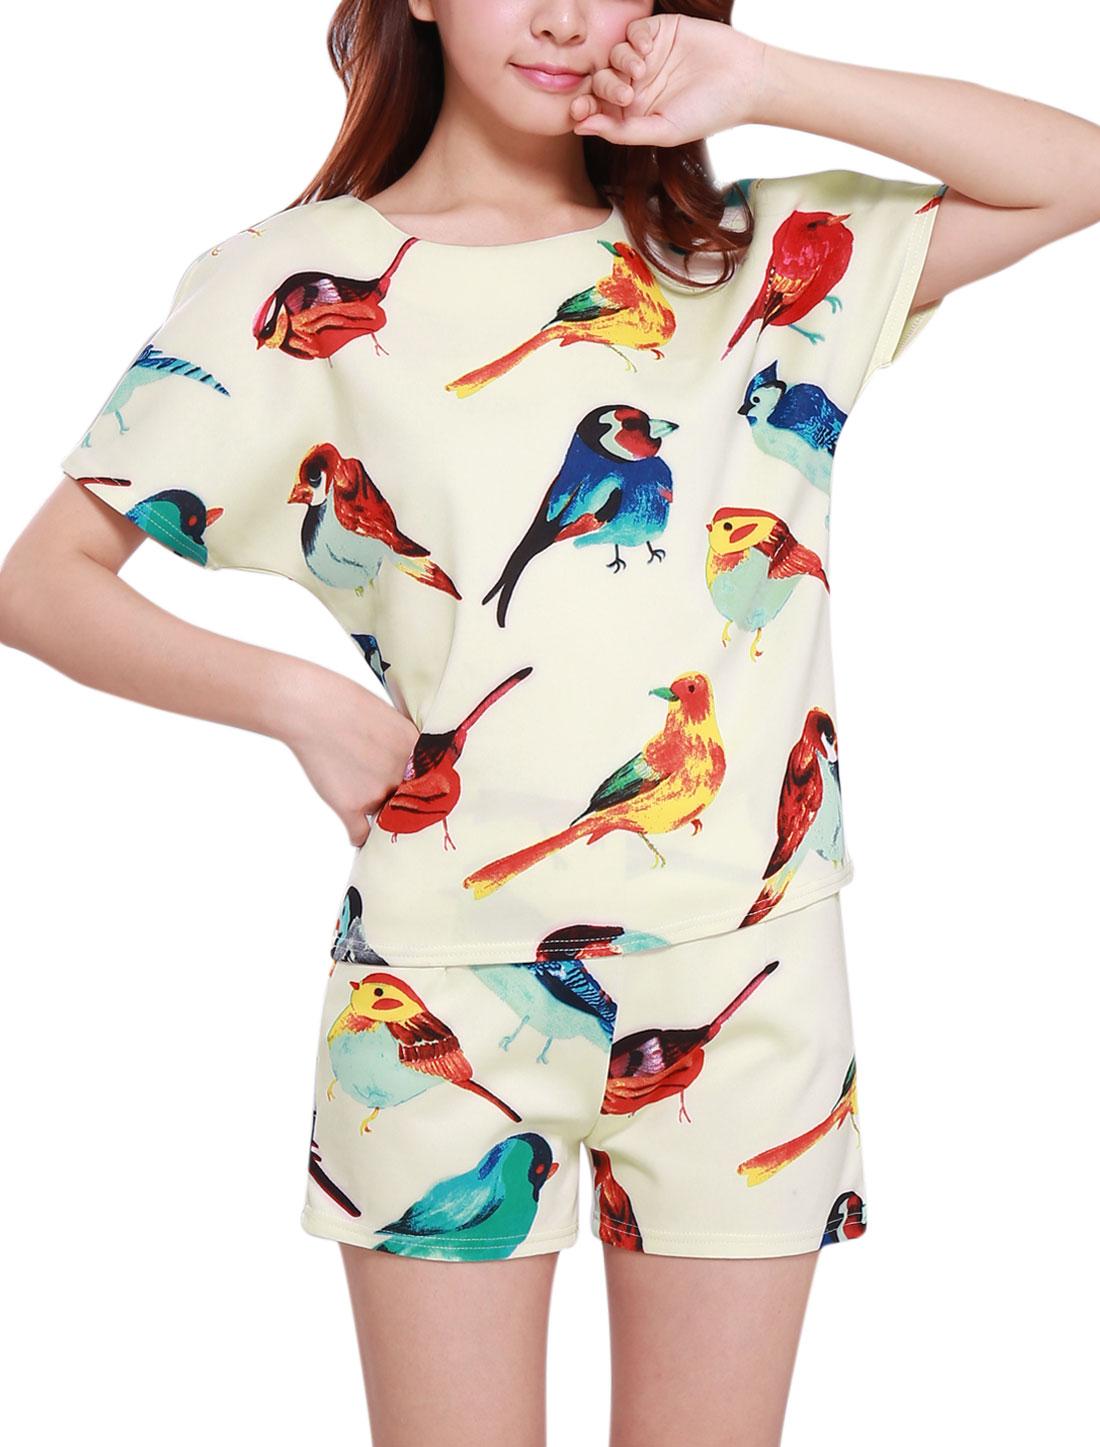 Women Short Batwing Sleeve Top w Birds Pattern Shorts Beige S